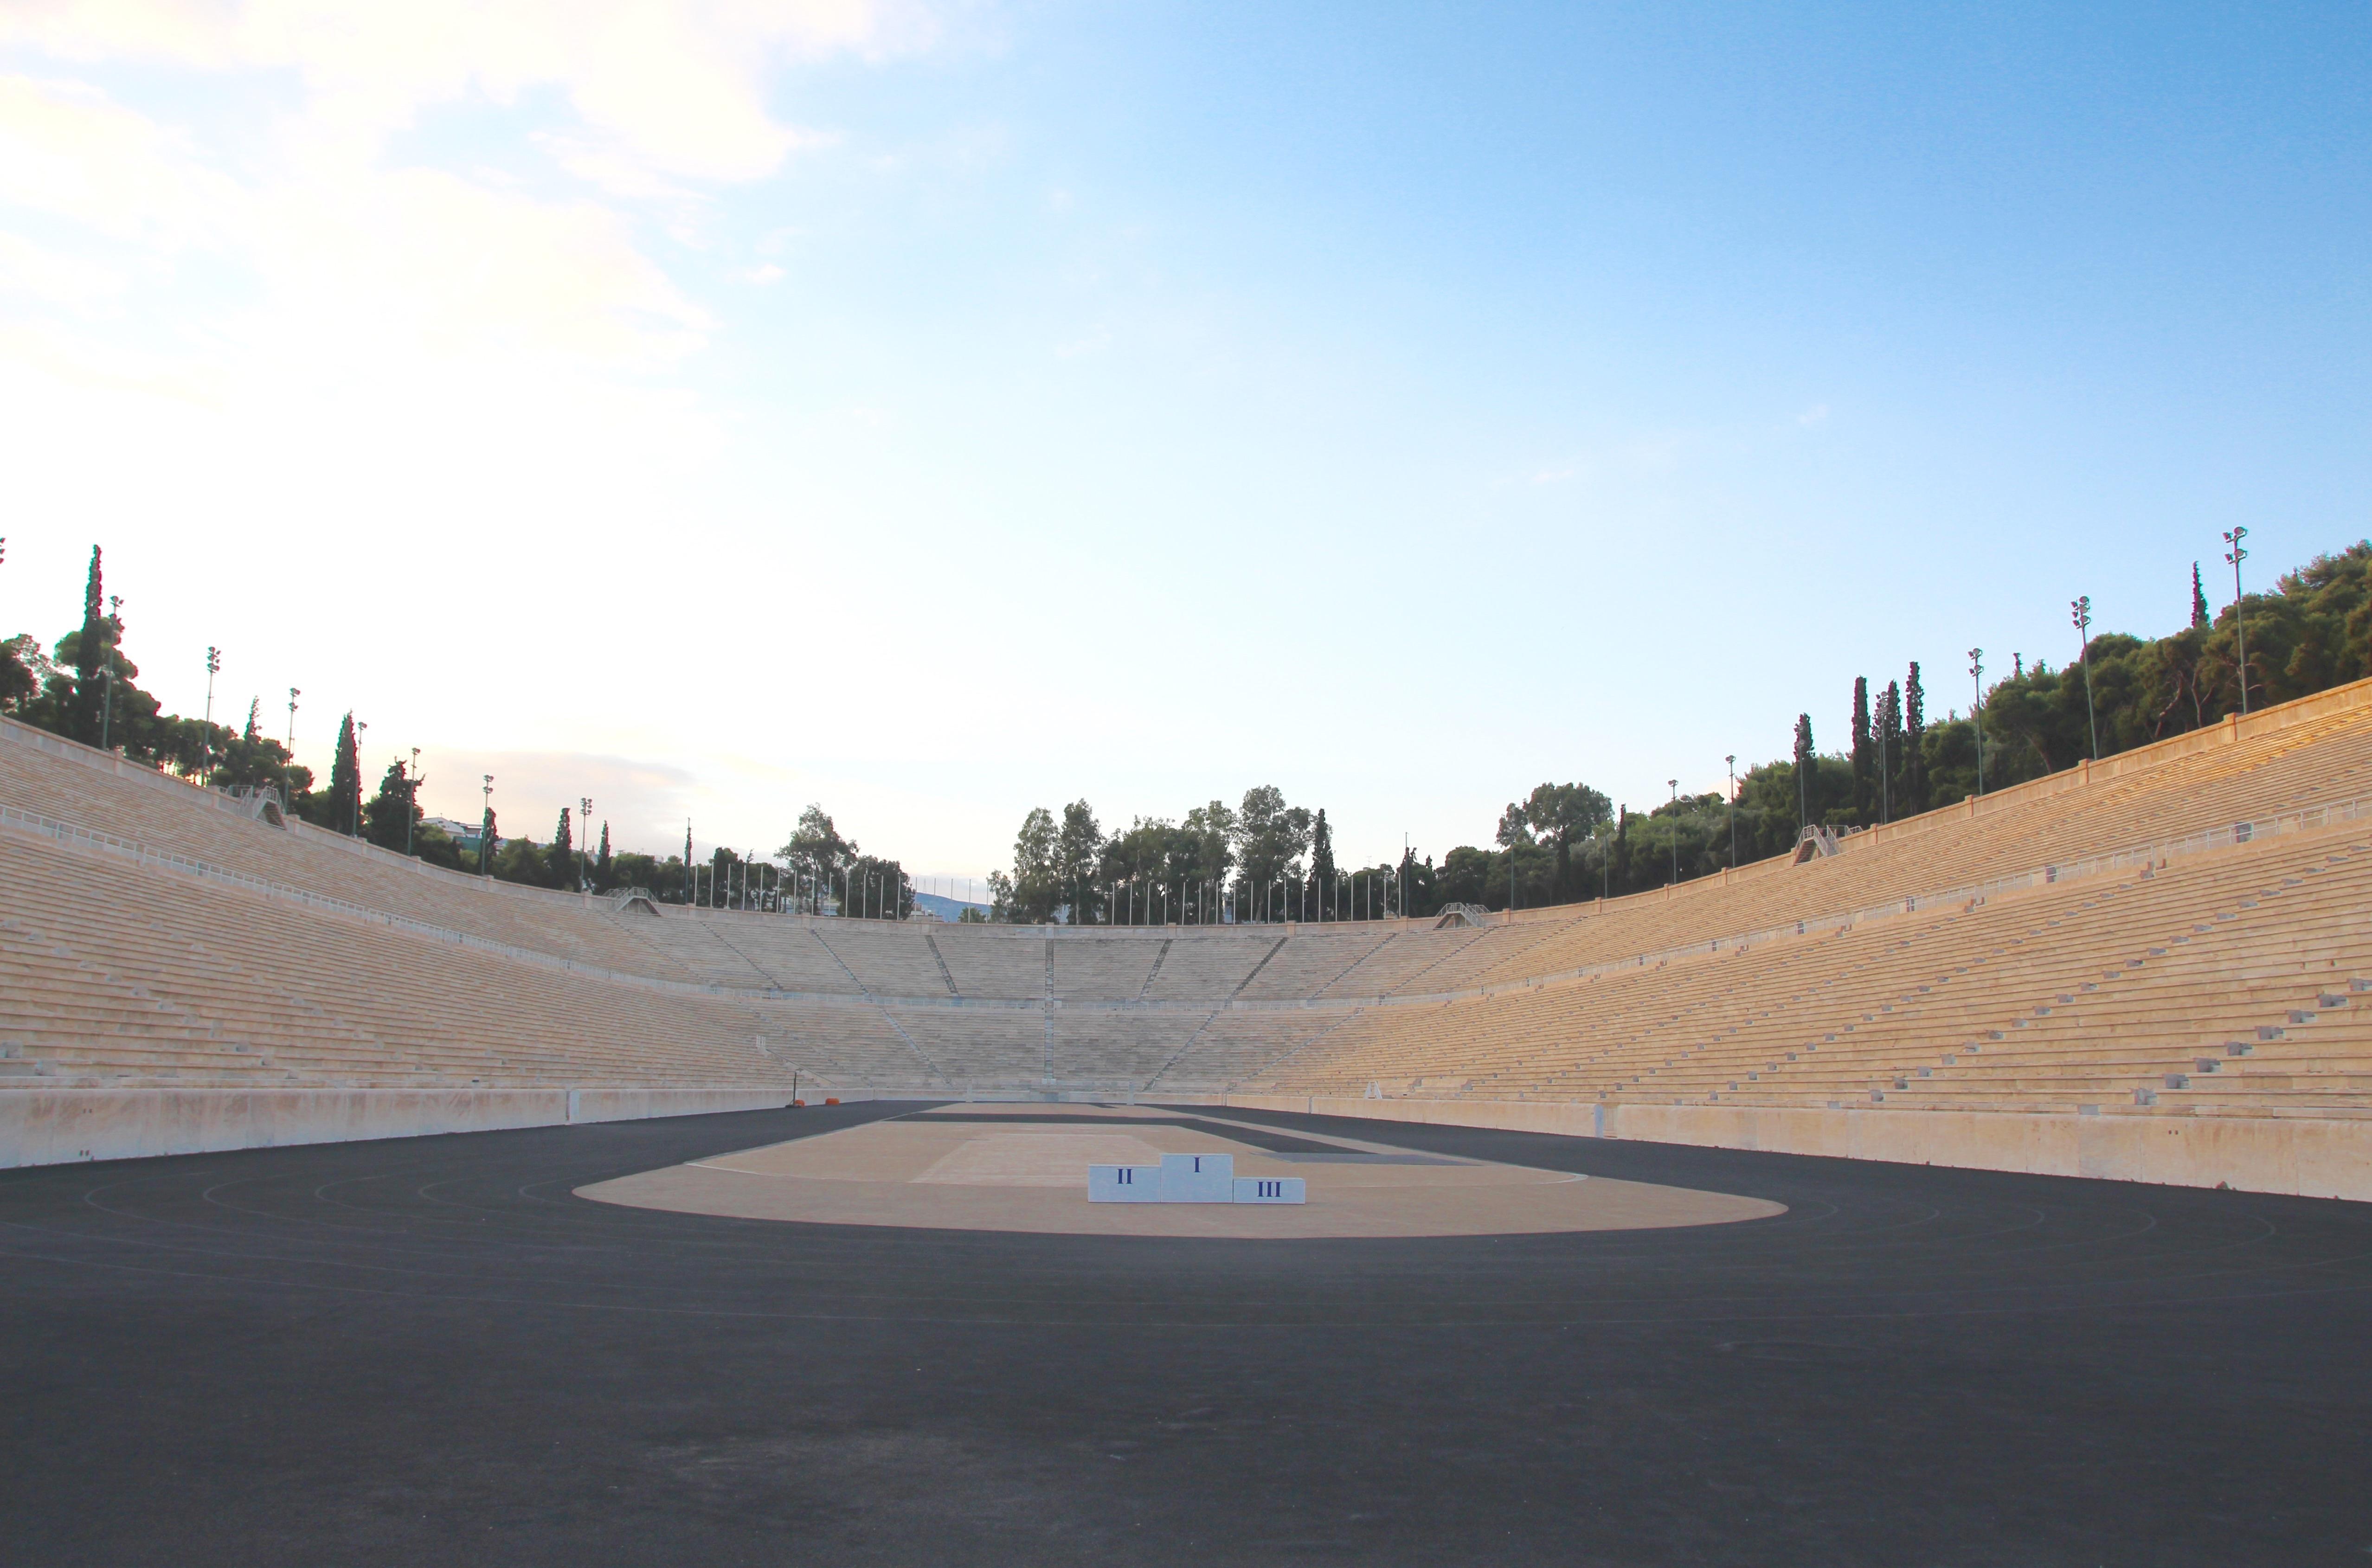 Stade panathénaique